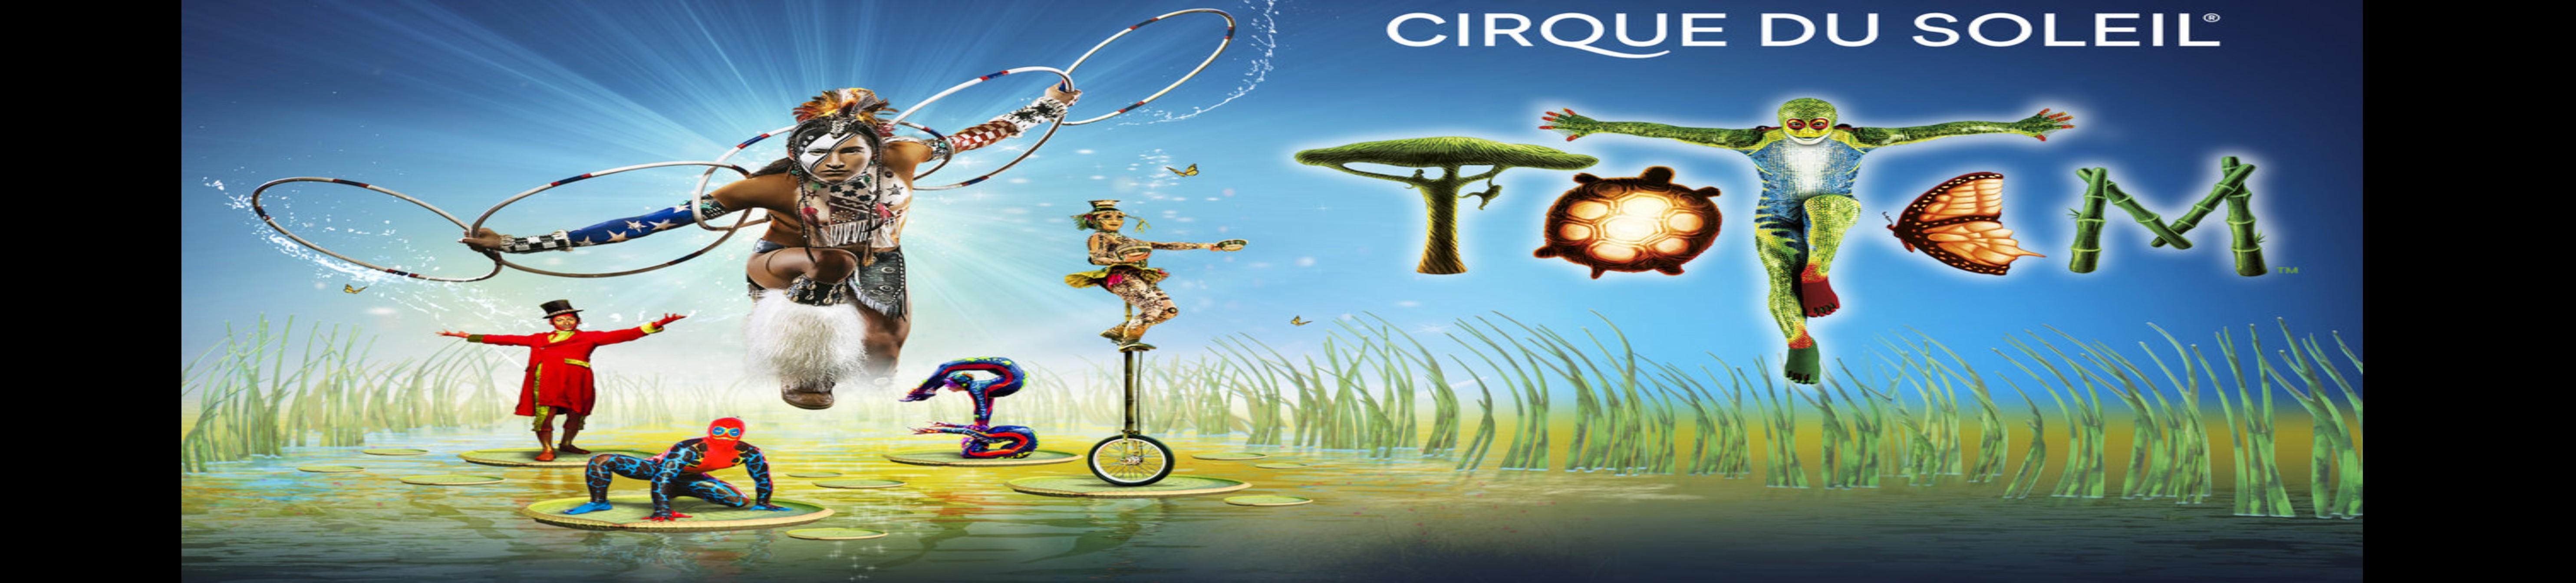 Cirque-du-Soleil-Totem-slide